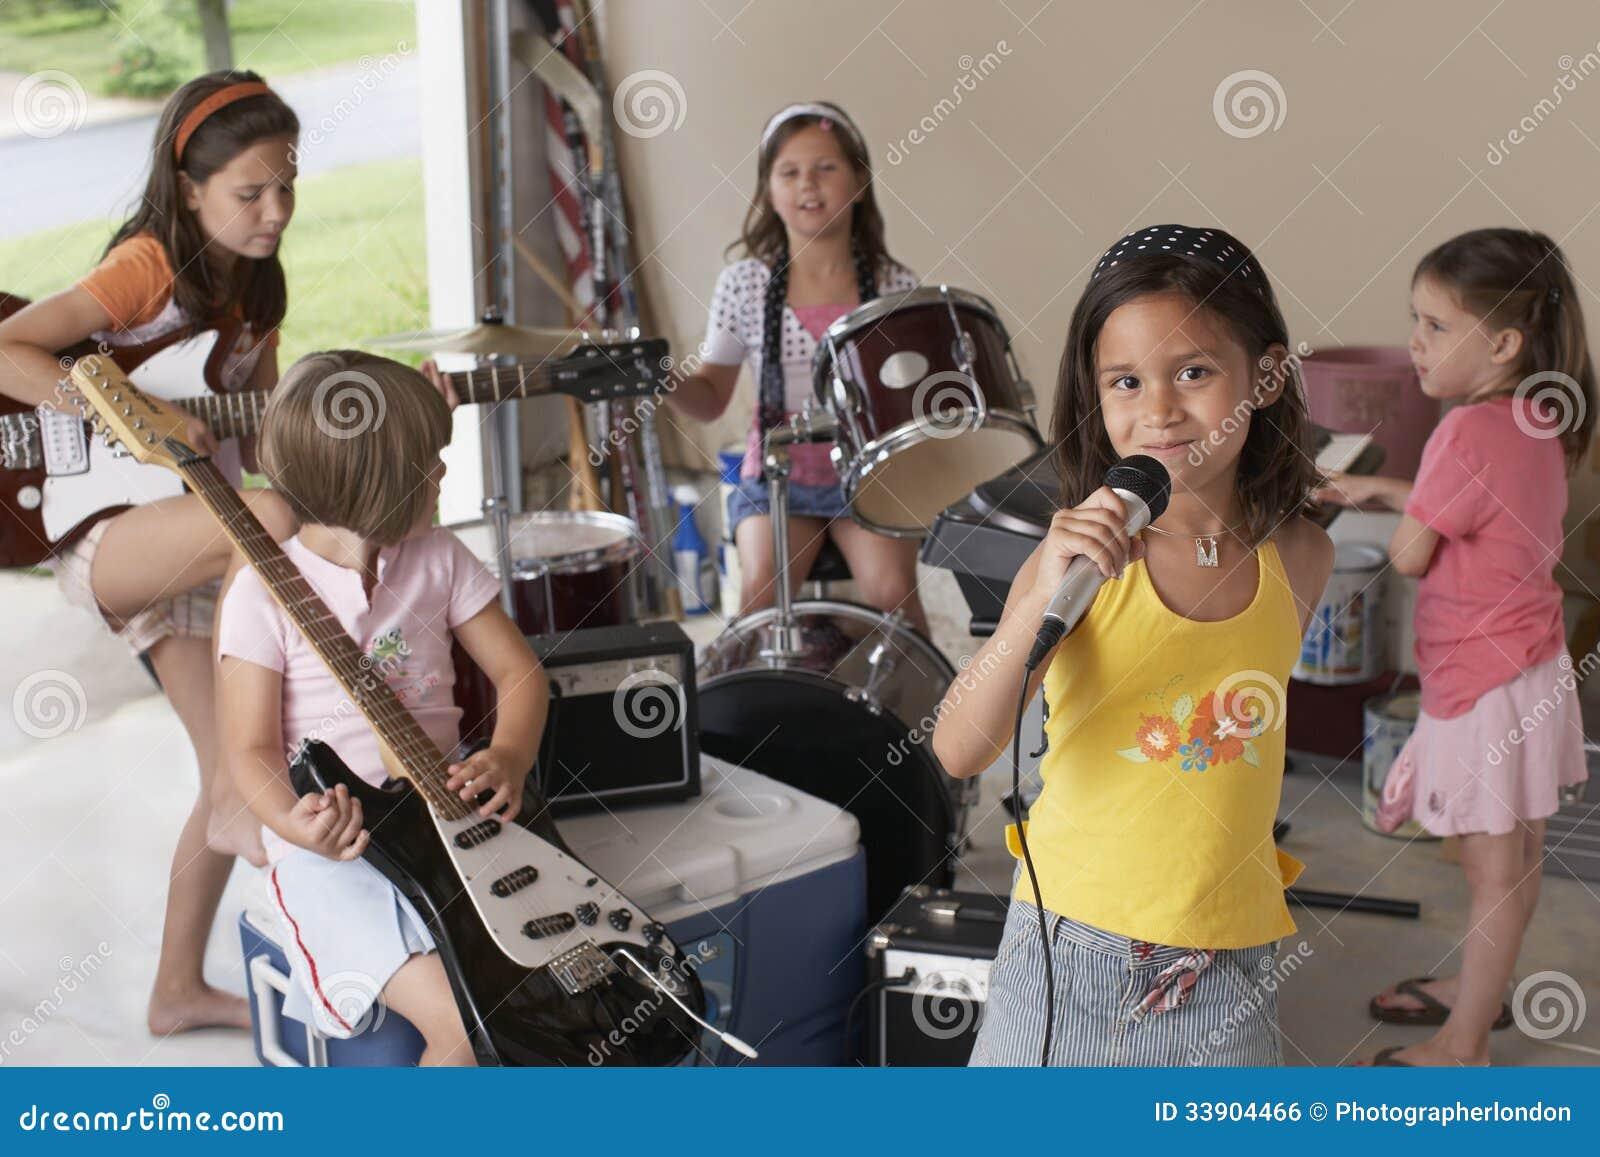 Τραγούδι κοριτσιών στο μικρόφωνο με τους φίλους που παίζουν το μουσικό όργανο